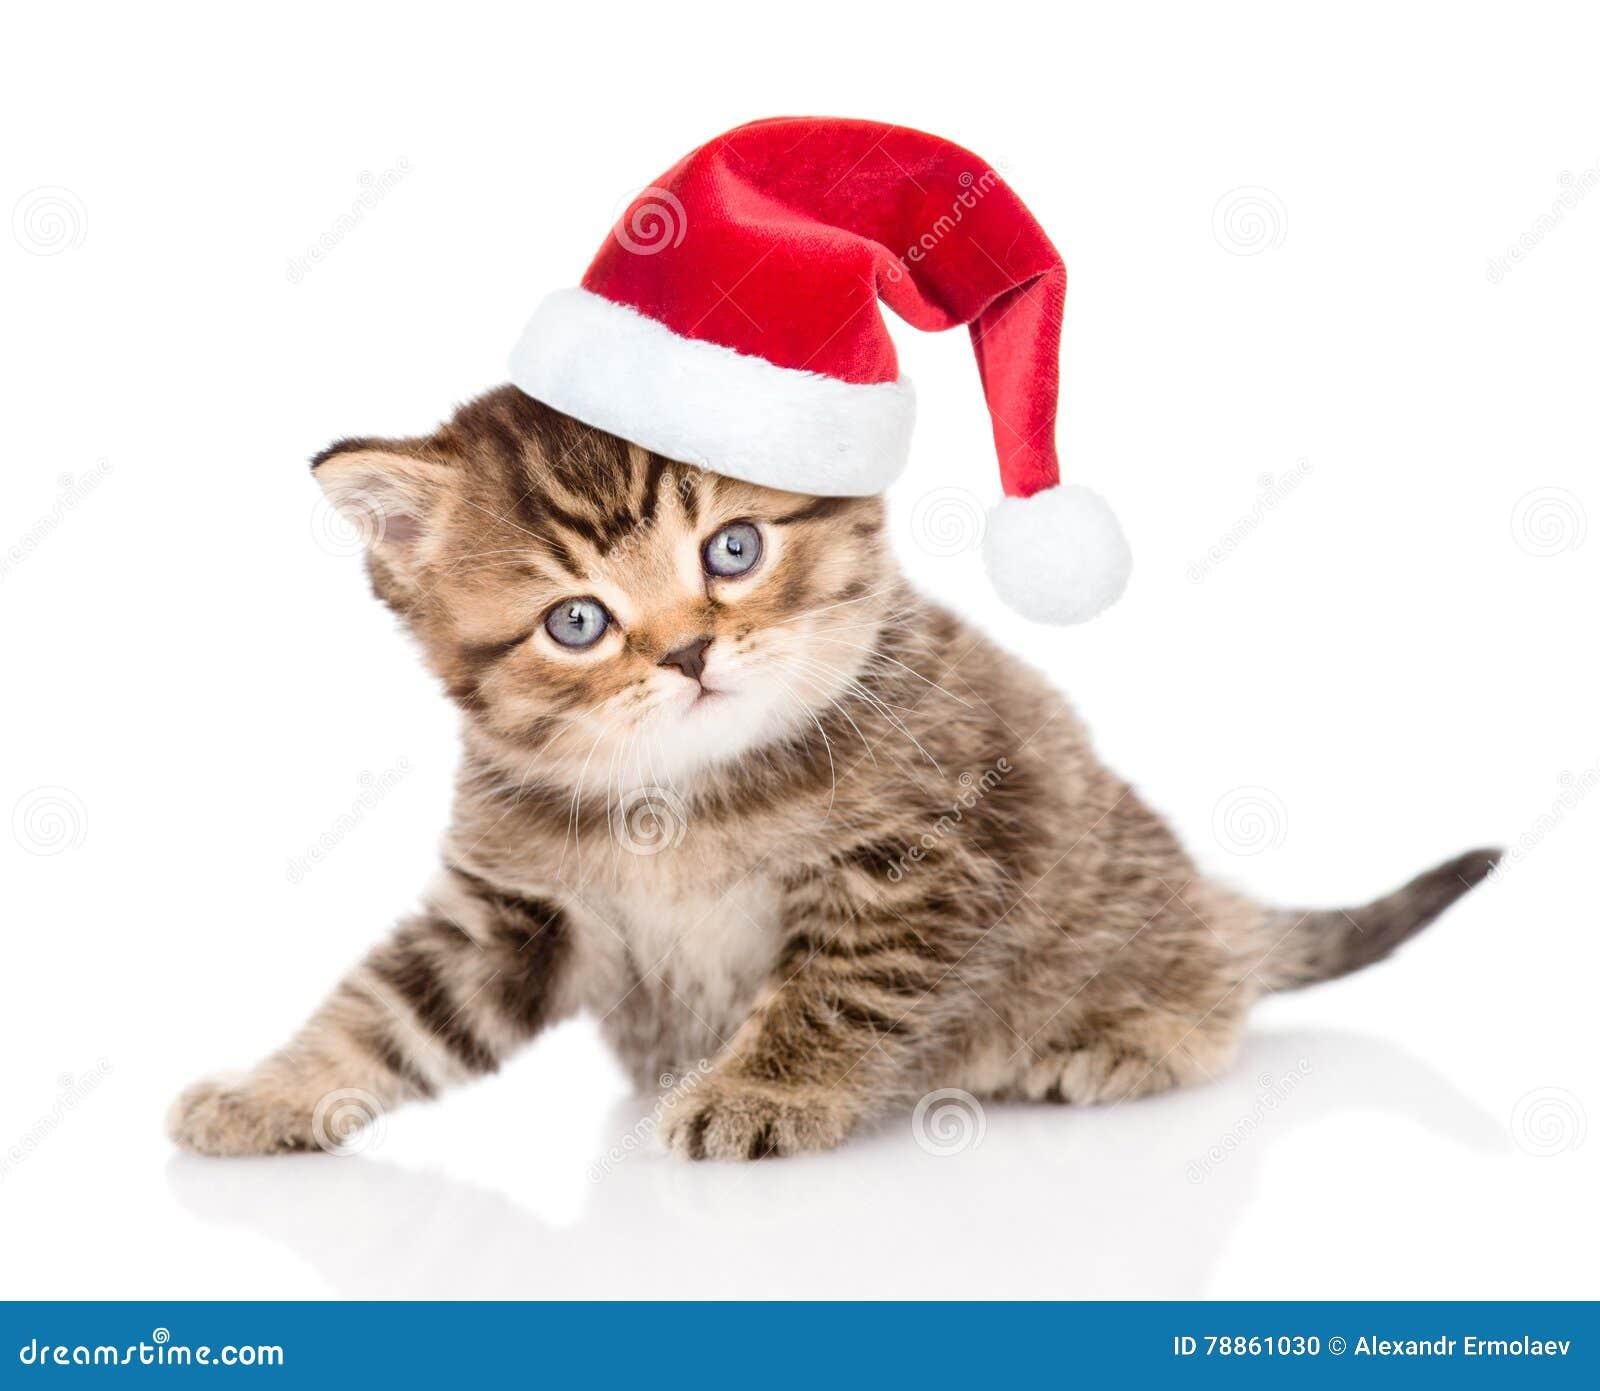 Tiny Santa Hat Cat